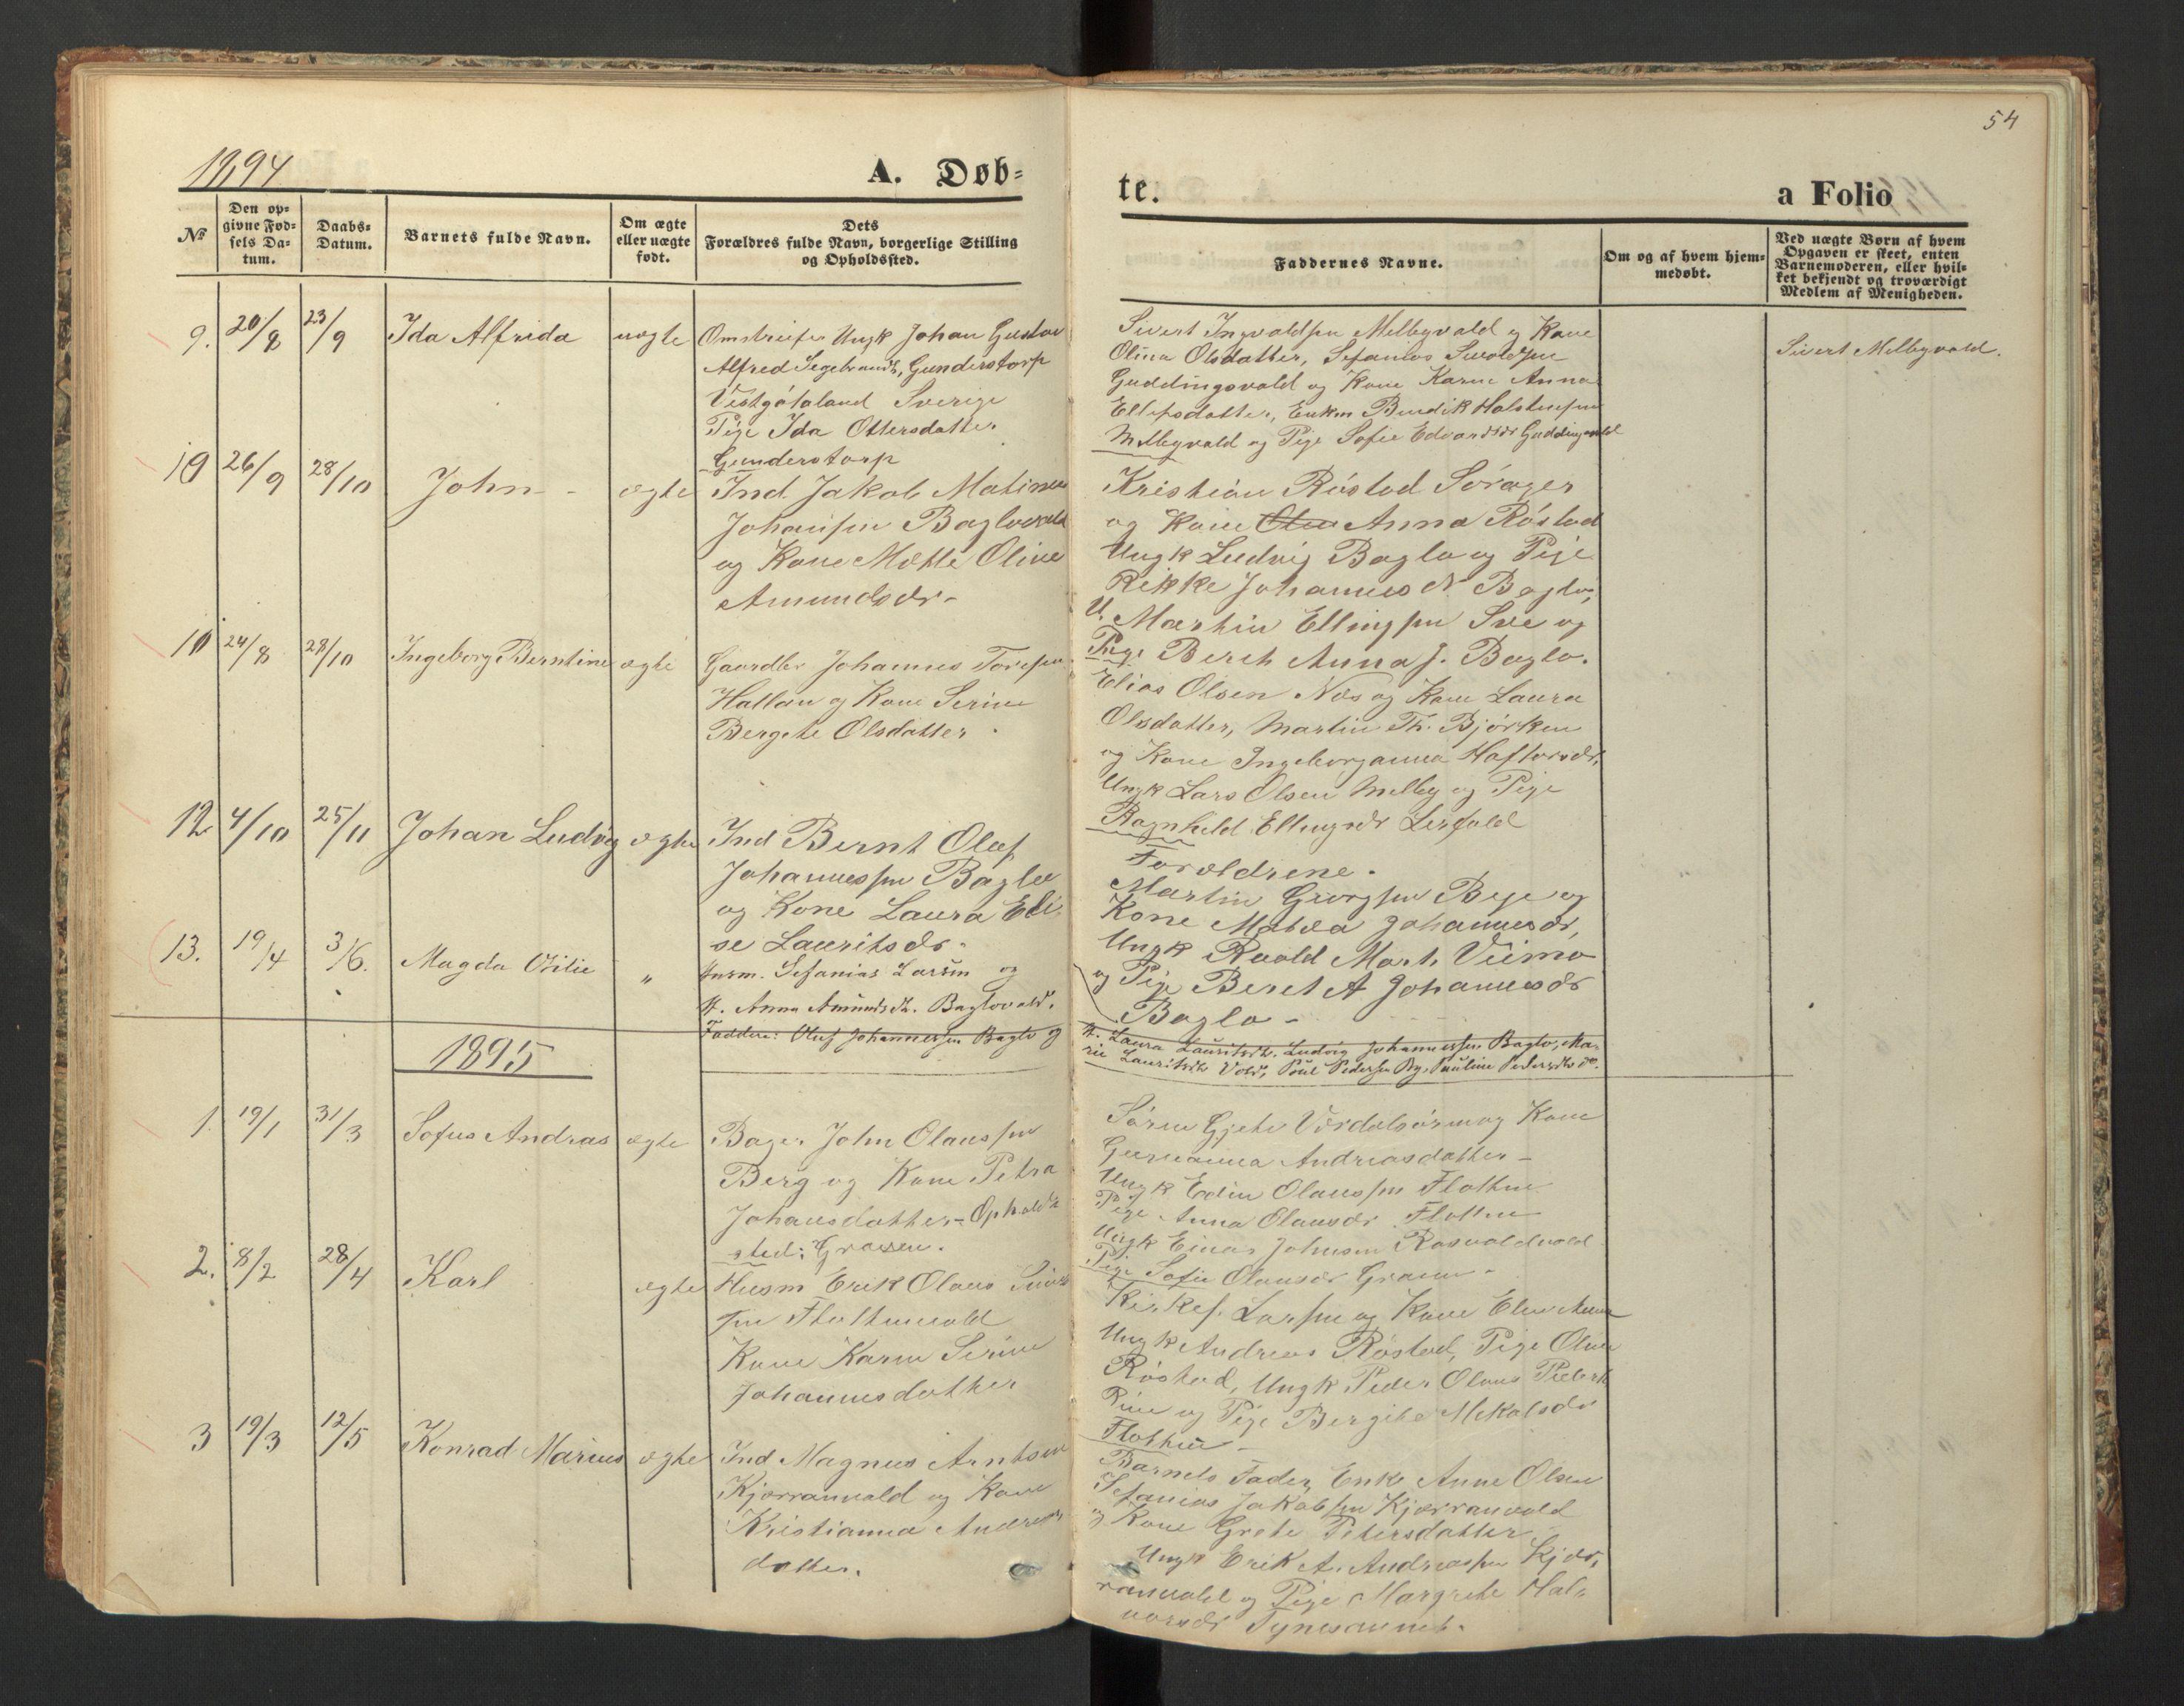 SAT, Ministerialprotokoller, klokkerbøker og fødselsregistre - Nord-Trøndelag, 726/L0271: Klokkerbok nr. 726C02, 1869-1897, s. 54